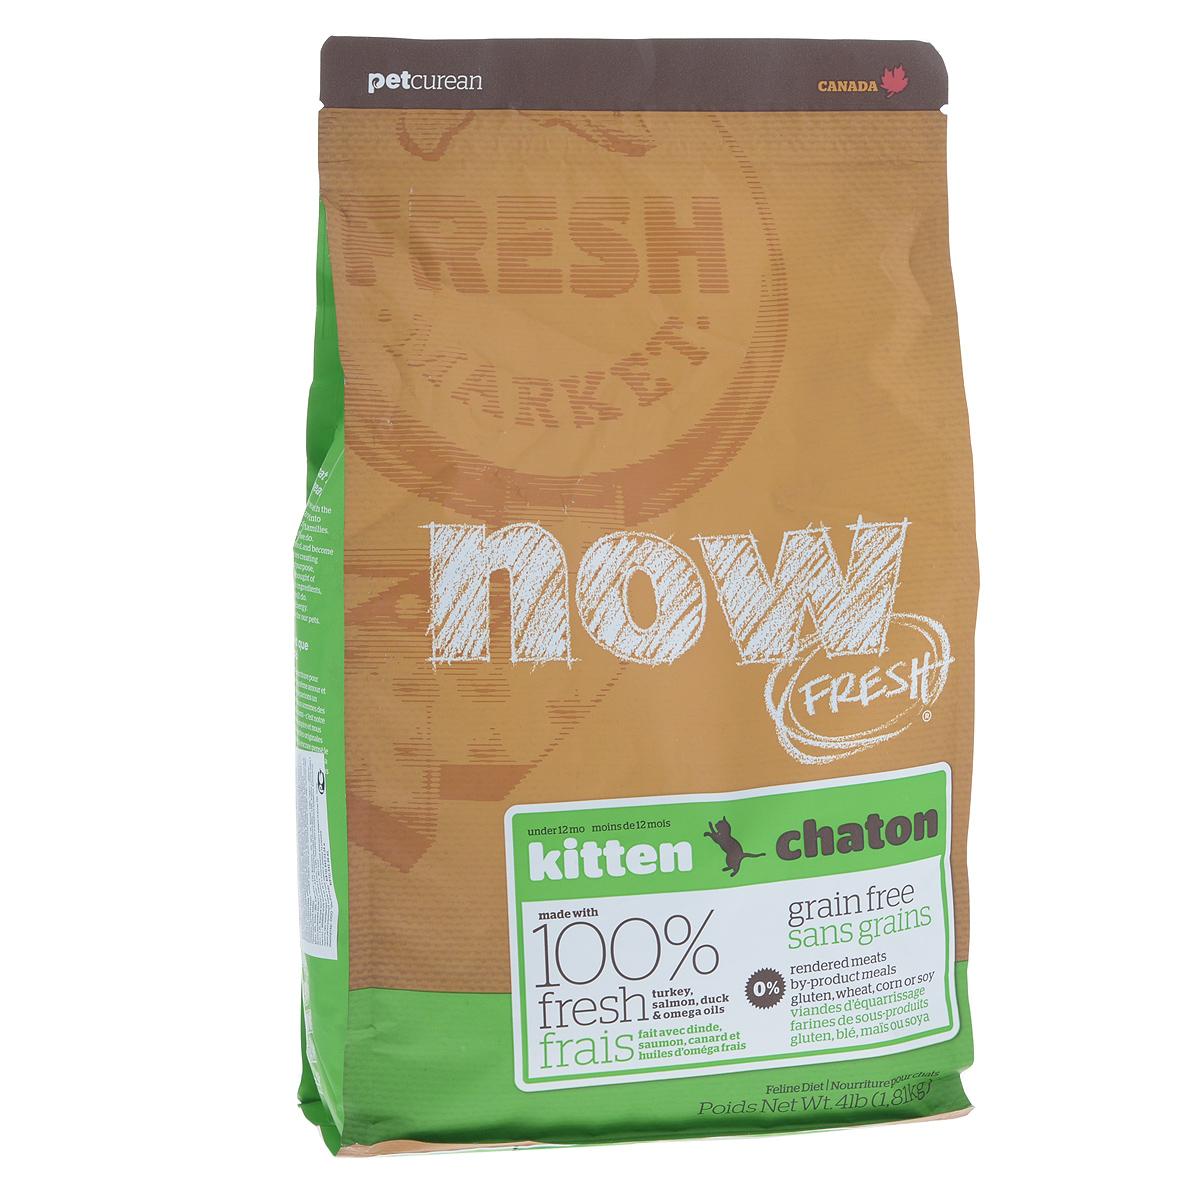 Корм сухой Now Fresh для котят, беззерновой, с индейкой, уткой и овощами, 1,81 кг20039Now Fresh - полностью сбалансированный холистик корм для котят с 5 недели до 1 года из свежего филе индейки, лосося и утки, выращенных на канадских фермах.Также корм подходит беременным и кормящим кошкам. При производстве кормов используется только свежее мясо индейки, утки, лосося, кокосовое и рапсовое масло. Ключевые преимущества: - полностью беззерновой, - не содержит субпродуктов, красителей, говядины, мясных ингредиентов, выращенных на гормонах, - наличие всех питательных компонентов для правильного развития костей и суставов, - оптимальное соотношение белков и жиров помогает кошек оставаться здоровым и сохранять отличную форму, - докозагексаеновая кислота (DHA) и эйкозапентаеновая кислота (EPA) необходима для нормальной деятельности мозга и здорового зрения, - пробиотики и пребиотики обеспечивают здоровое пищеварение, - таурин необходим для здоровья глаз и нормального функционирования сердечной мышцы, -...